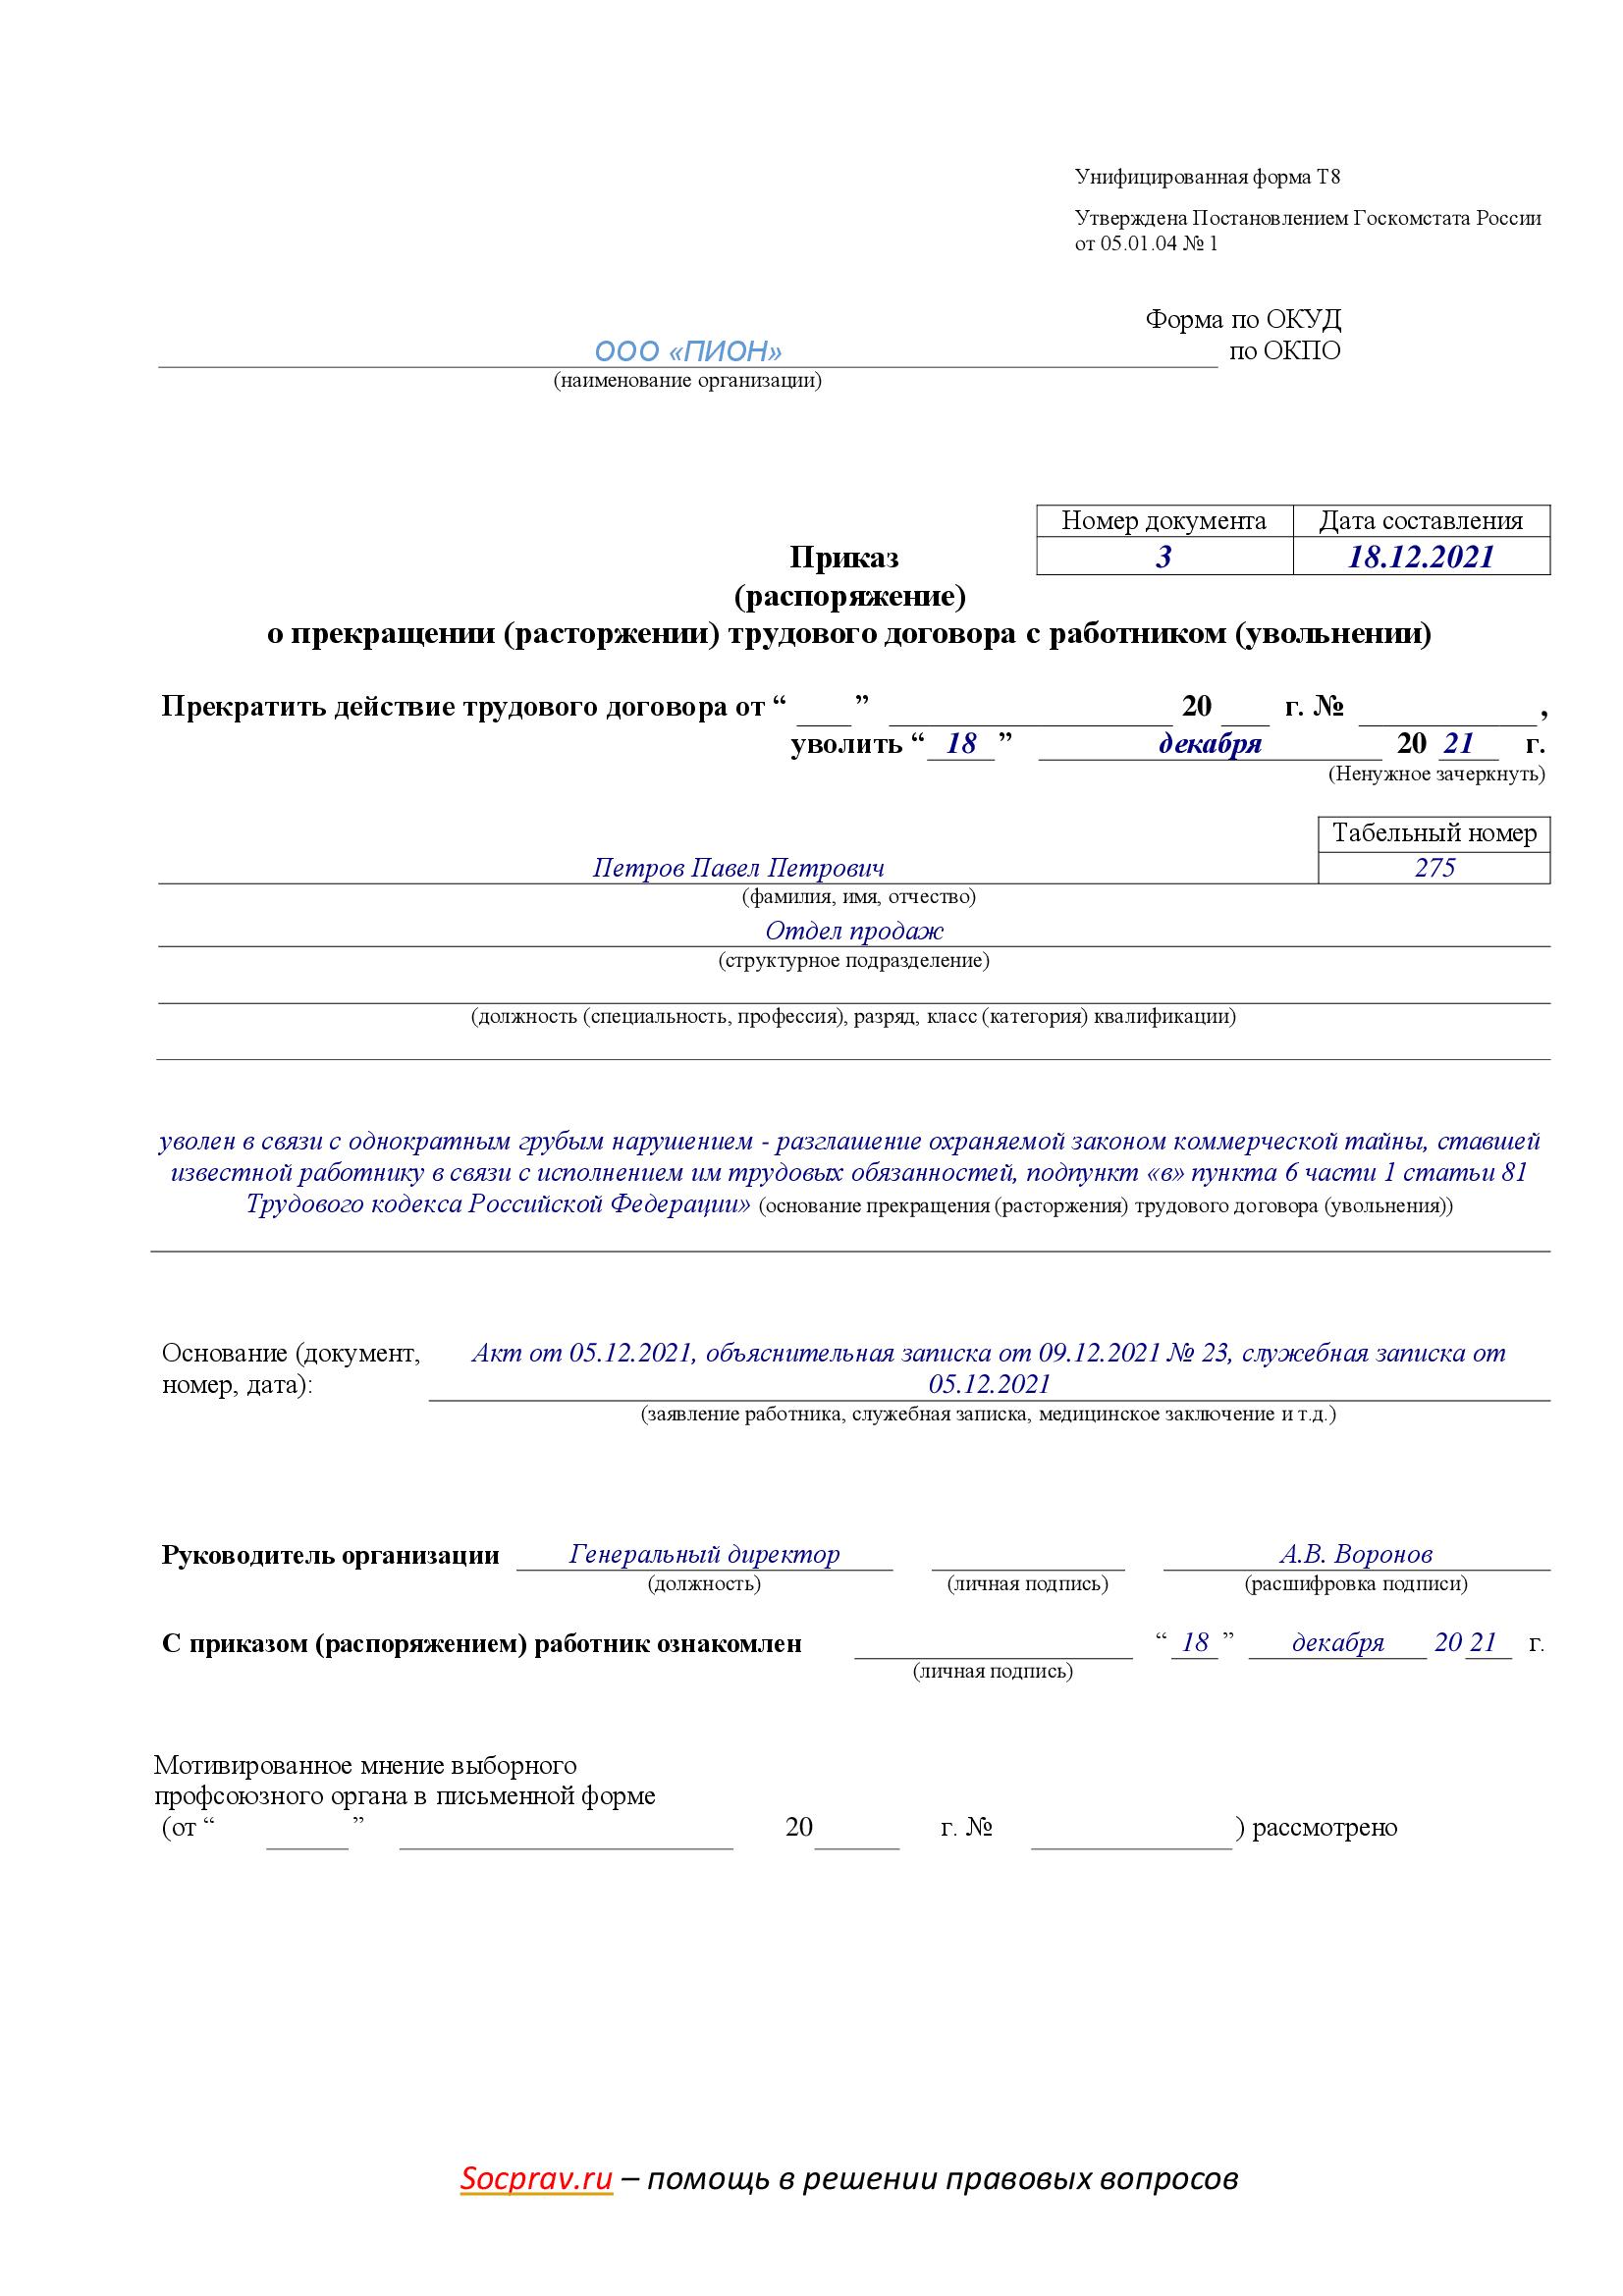 Приказ об увольнении за разглашение коммерческой тайны